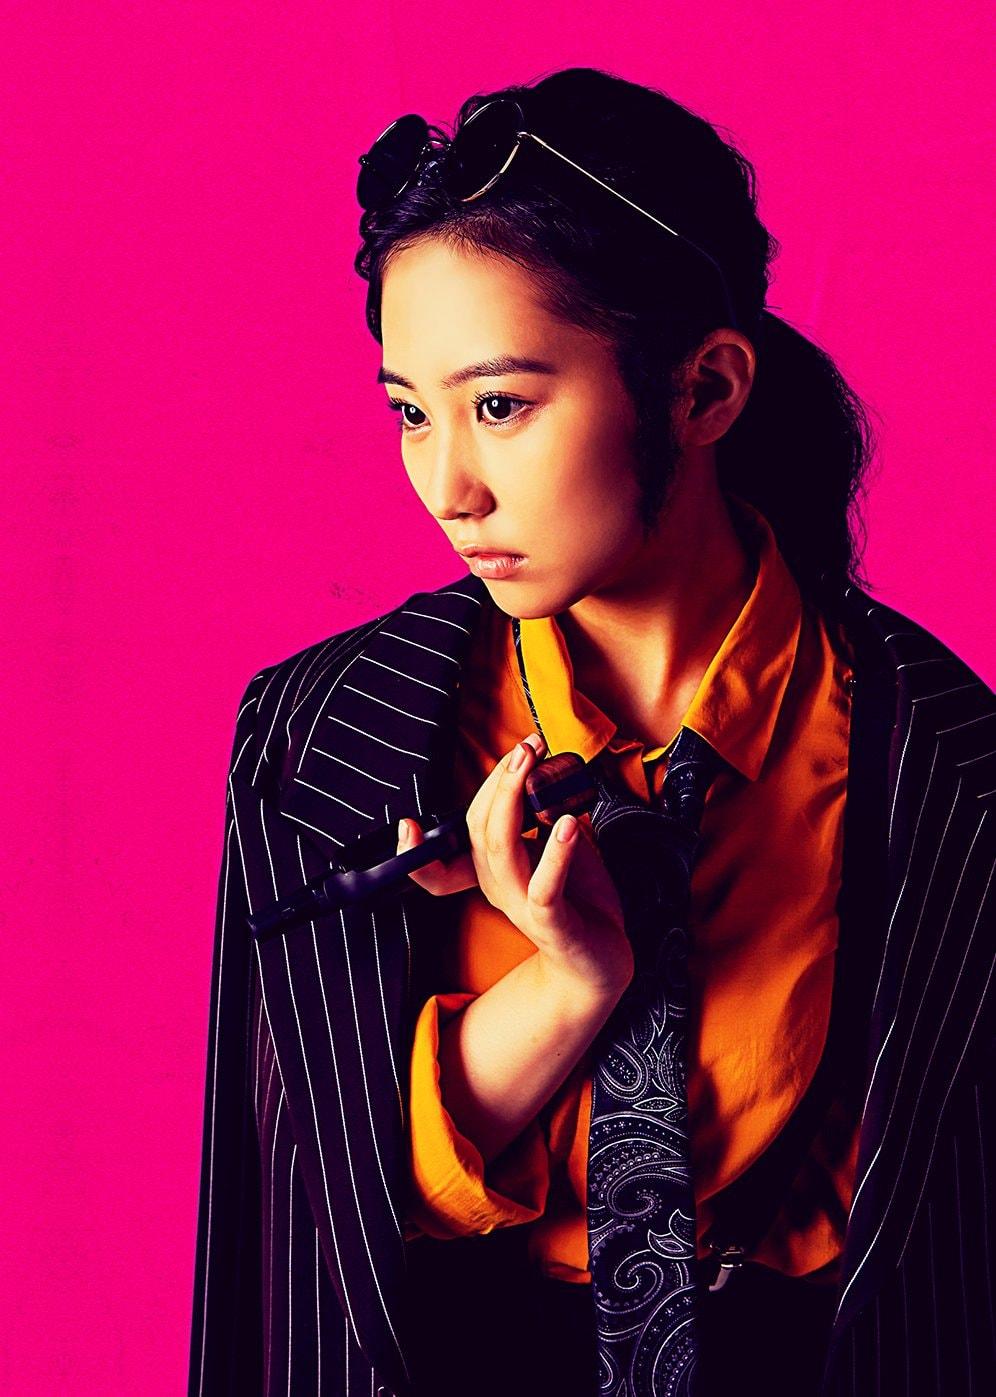 衝撃のビジュアル!AKB48グループが総集結で『仁義なき戦い』に挑む!【画像8枚】の画像004